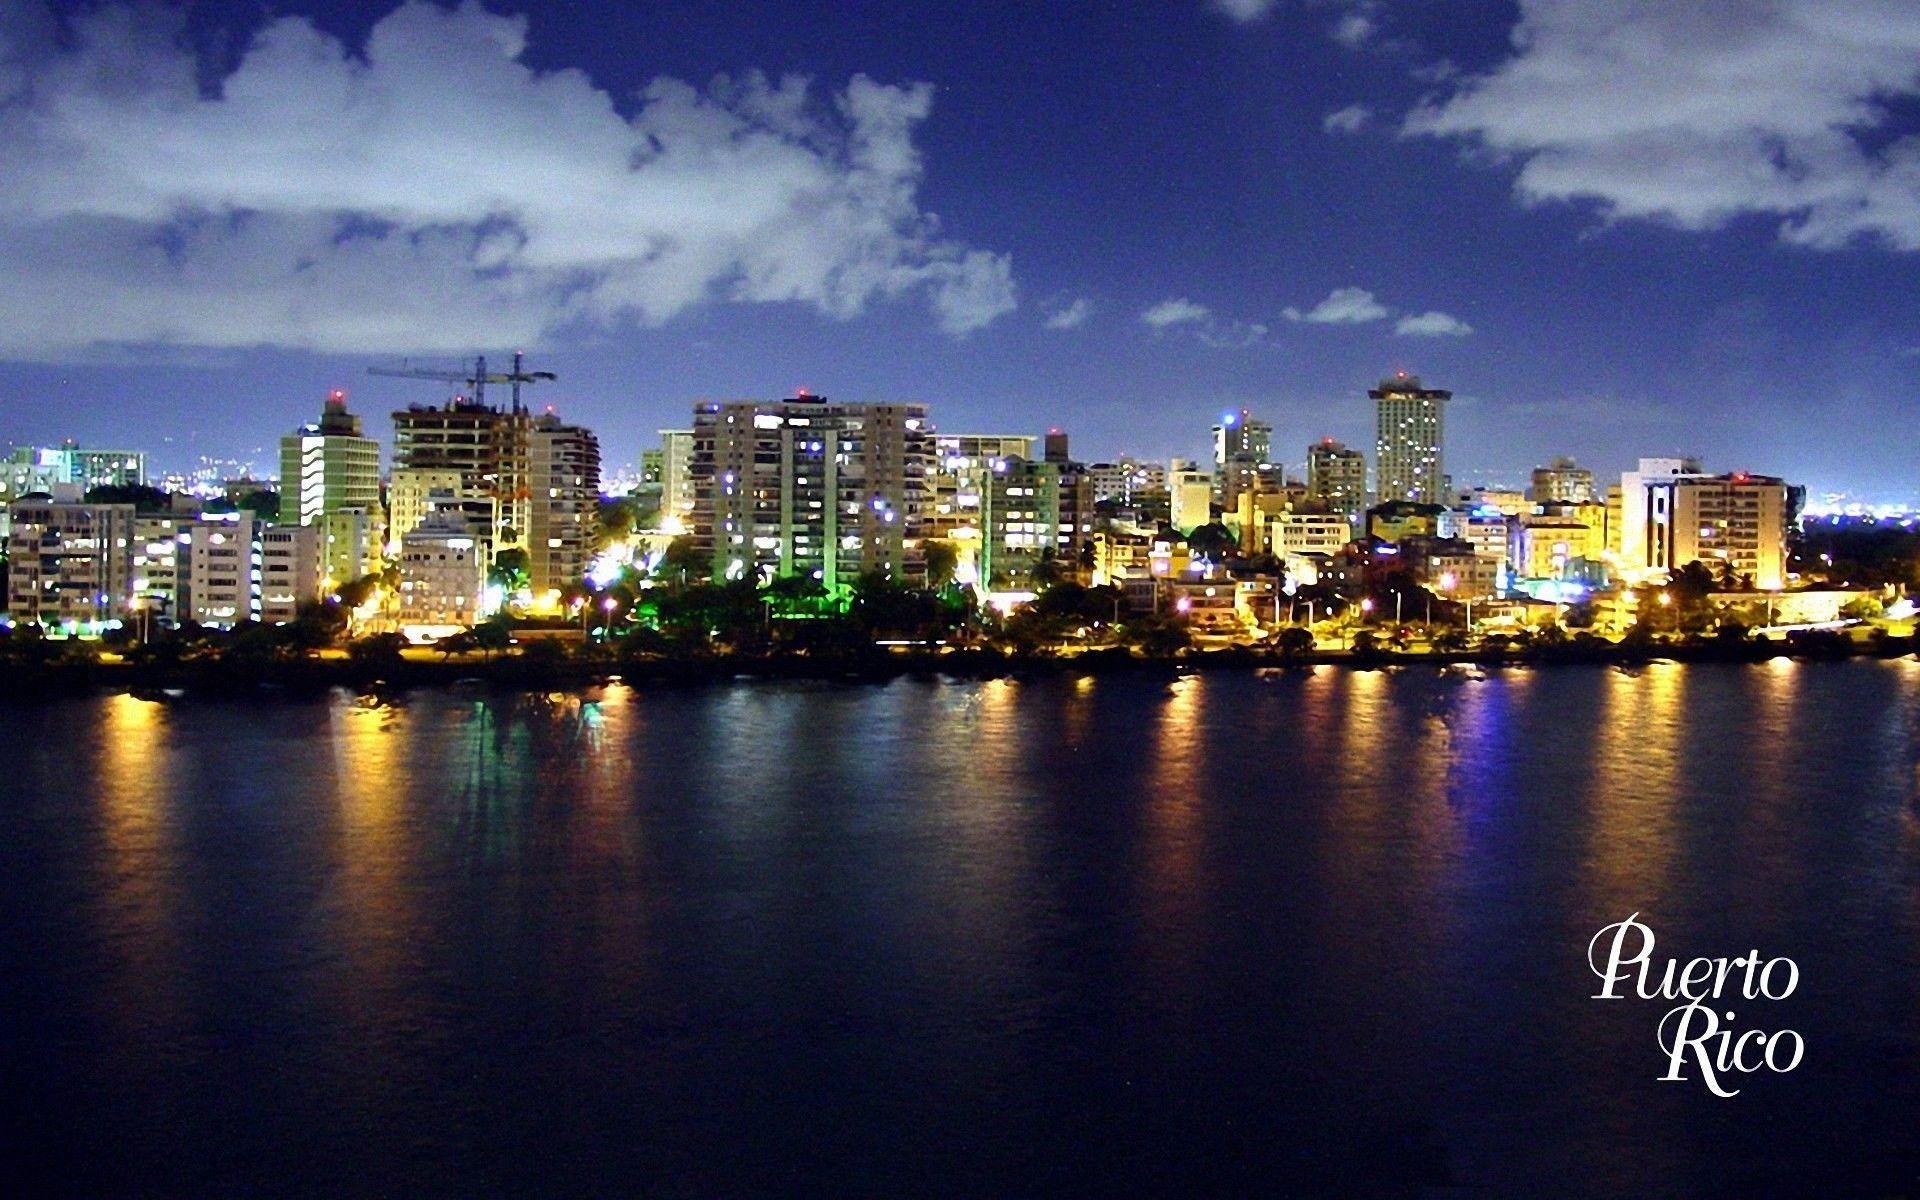 Puerto Rico Wallpaper High Resolution San Juan Puerto Rico Puerto Rico Landscape Wallpaper